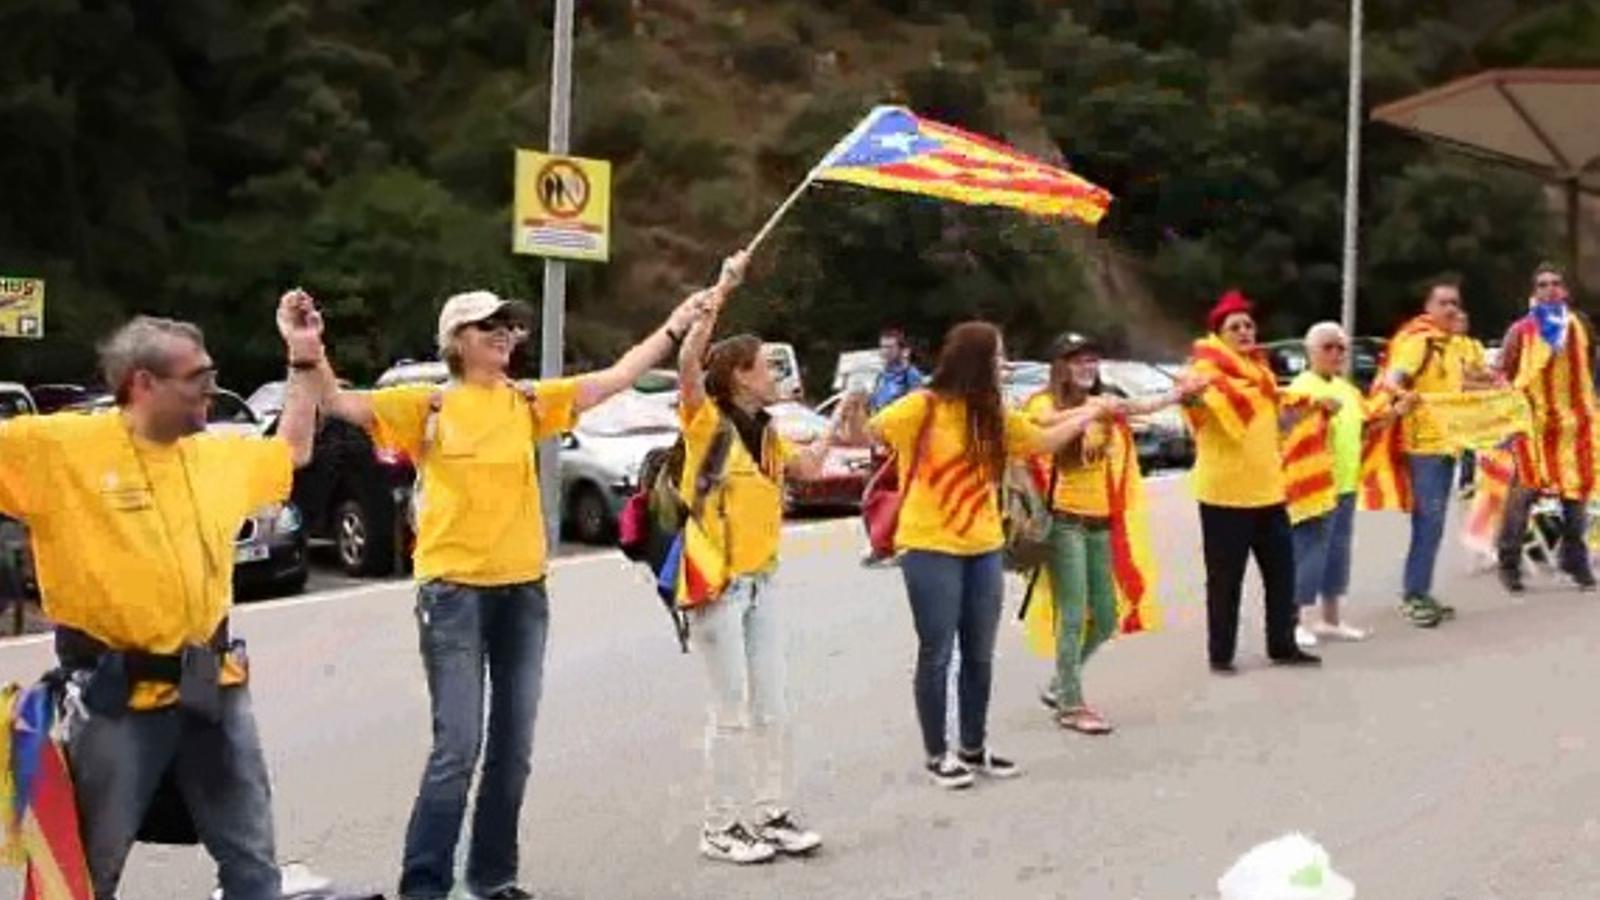 Diguem ben alt que nosaltres fem via, que anem tirant, el vídeo de la cadena humana a la Catalunya Nord